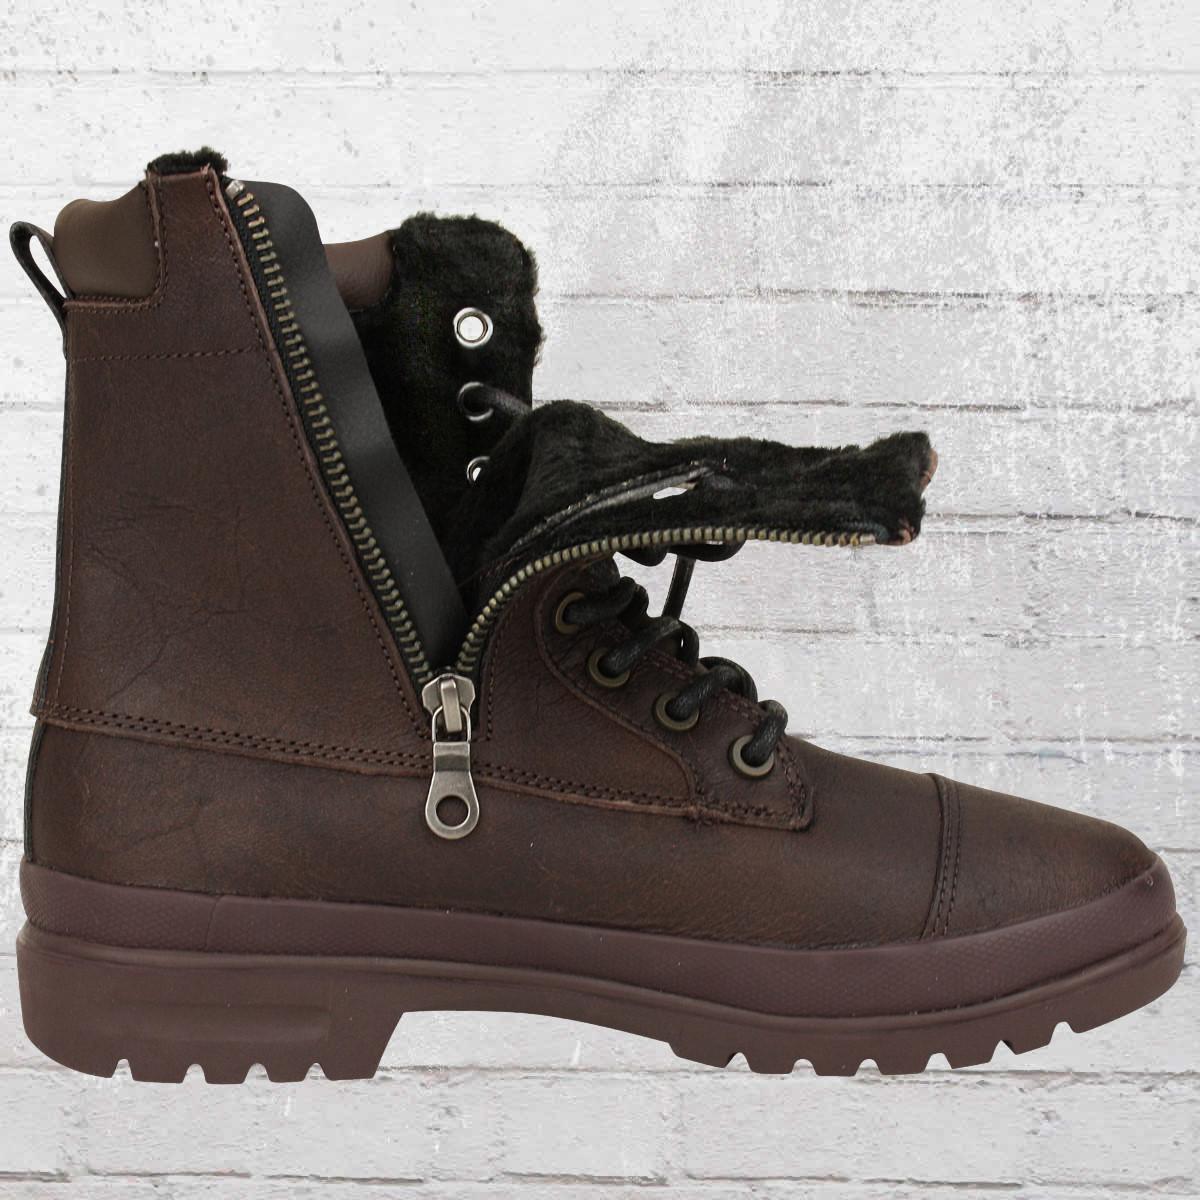 on sale 09901 17463 Jetzt bestellen | DC Shoes Damen Stiefel Amnesti Winter ...